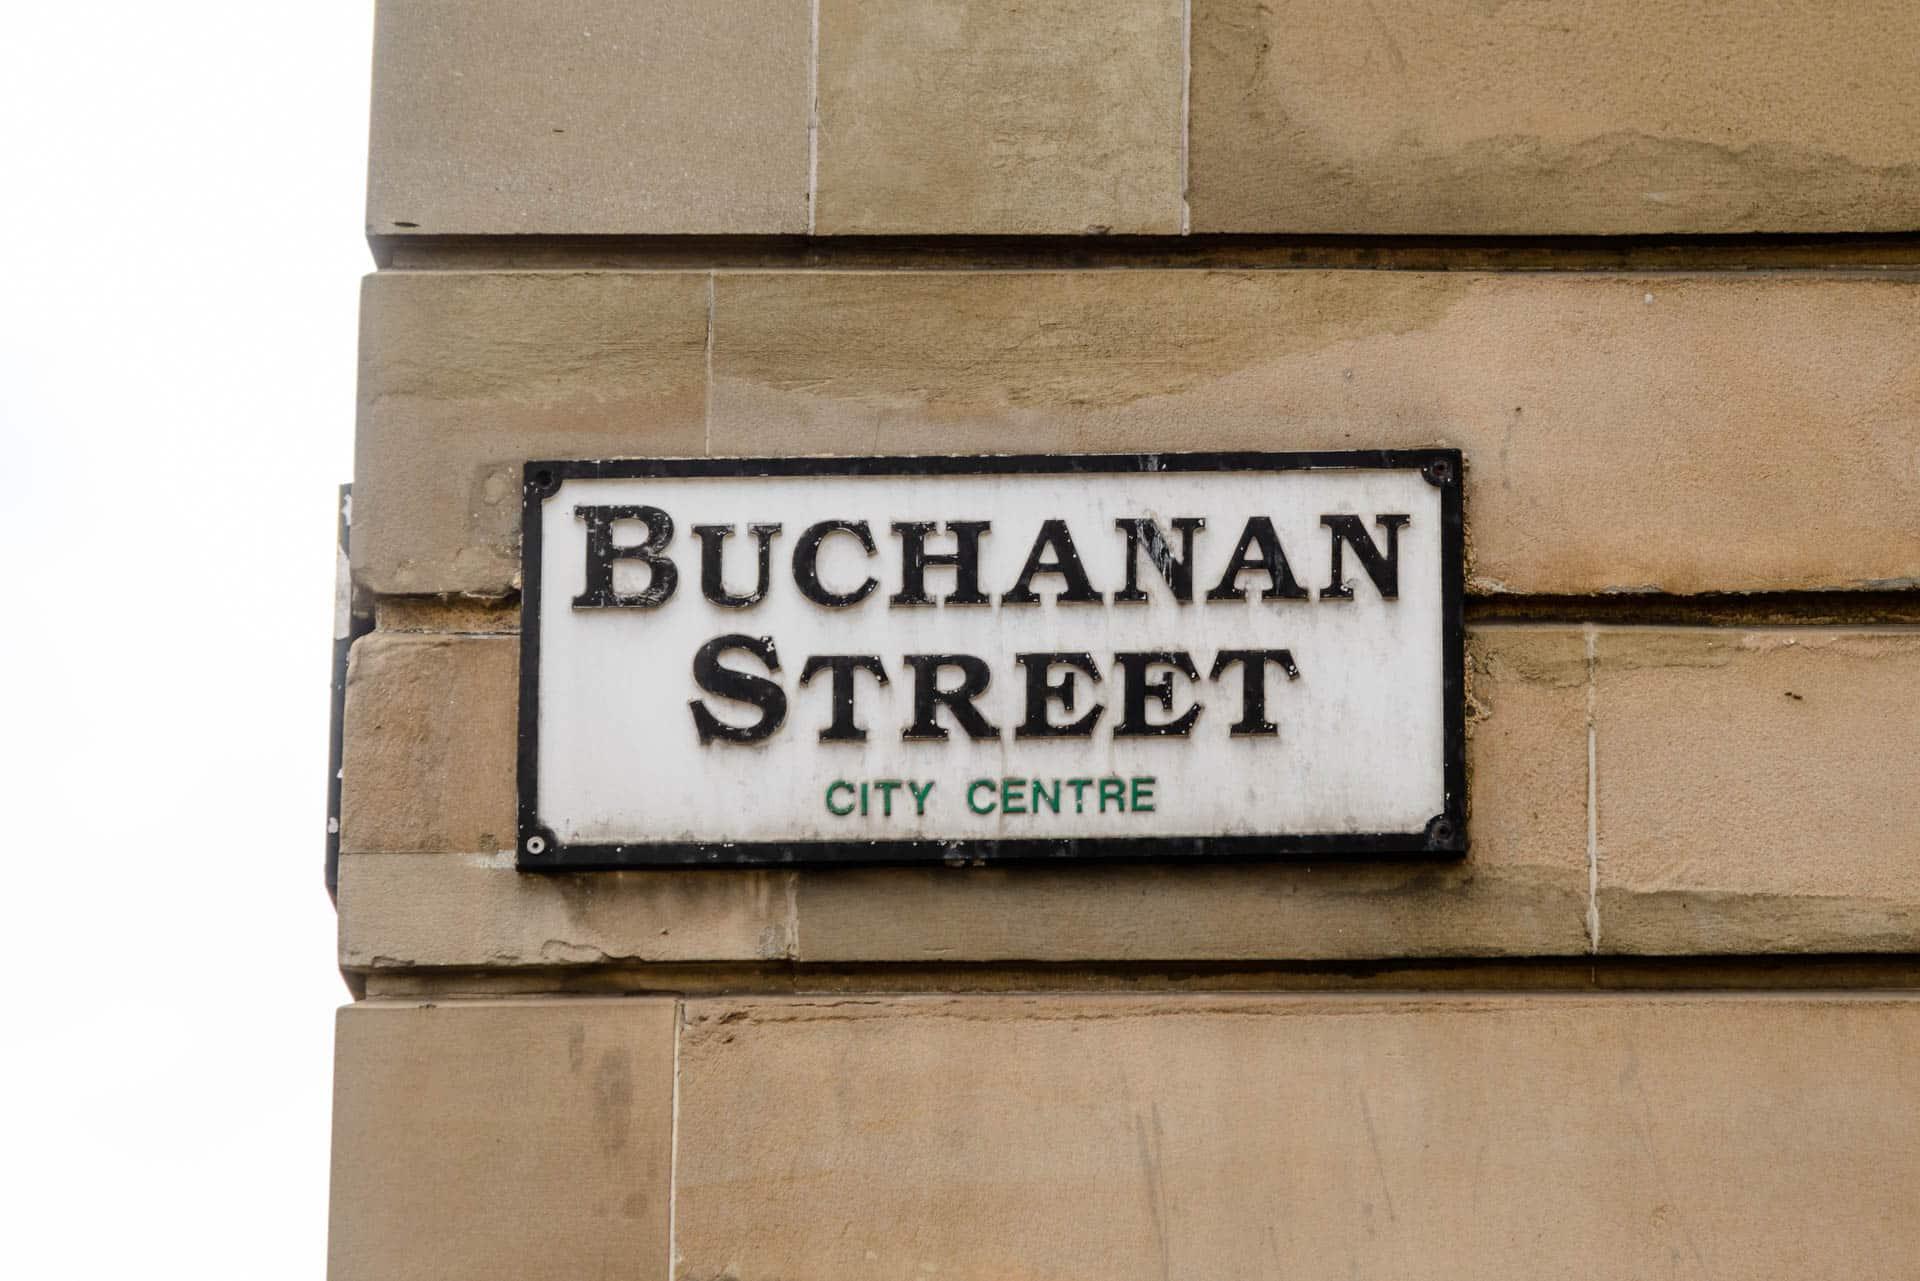 Street signs Buchanan Street in Glasgow.